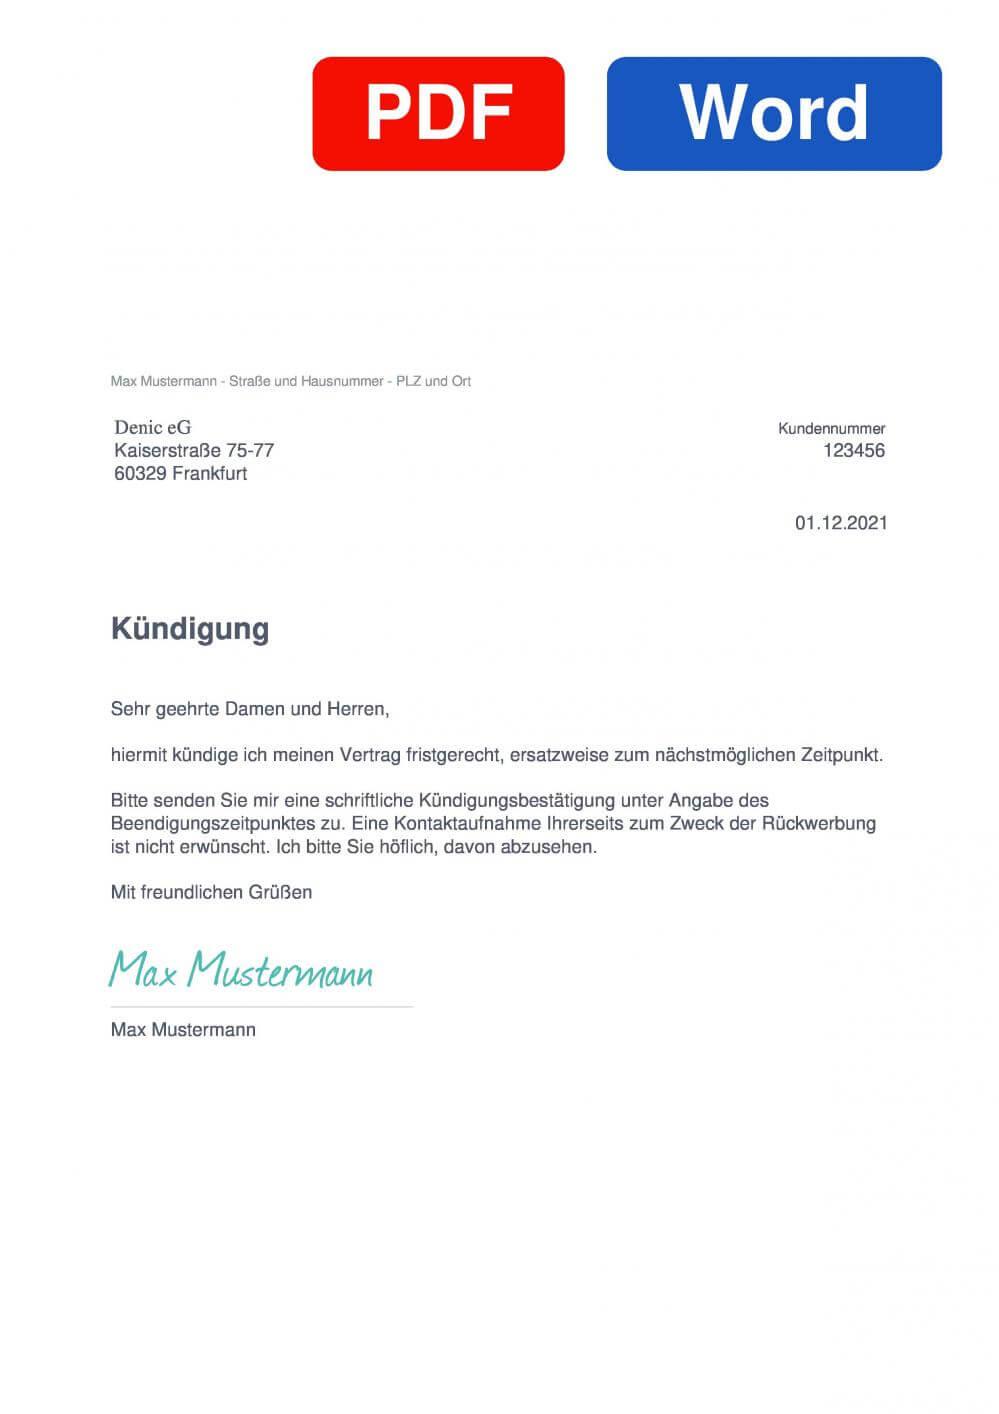 DENIC eG Muster Vorlage für Kündigungsschreiben